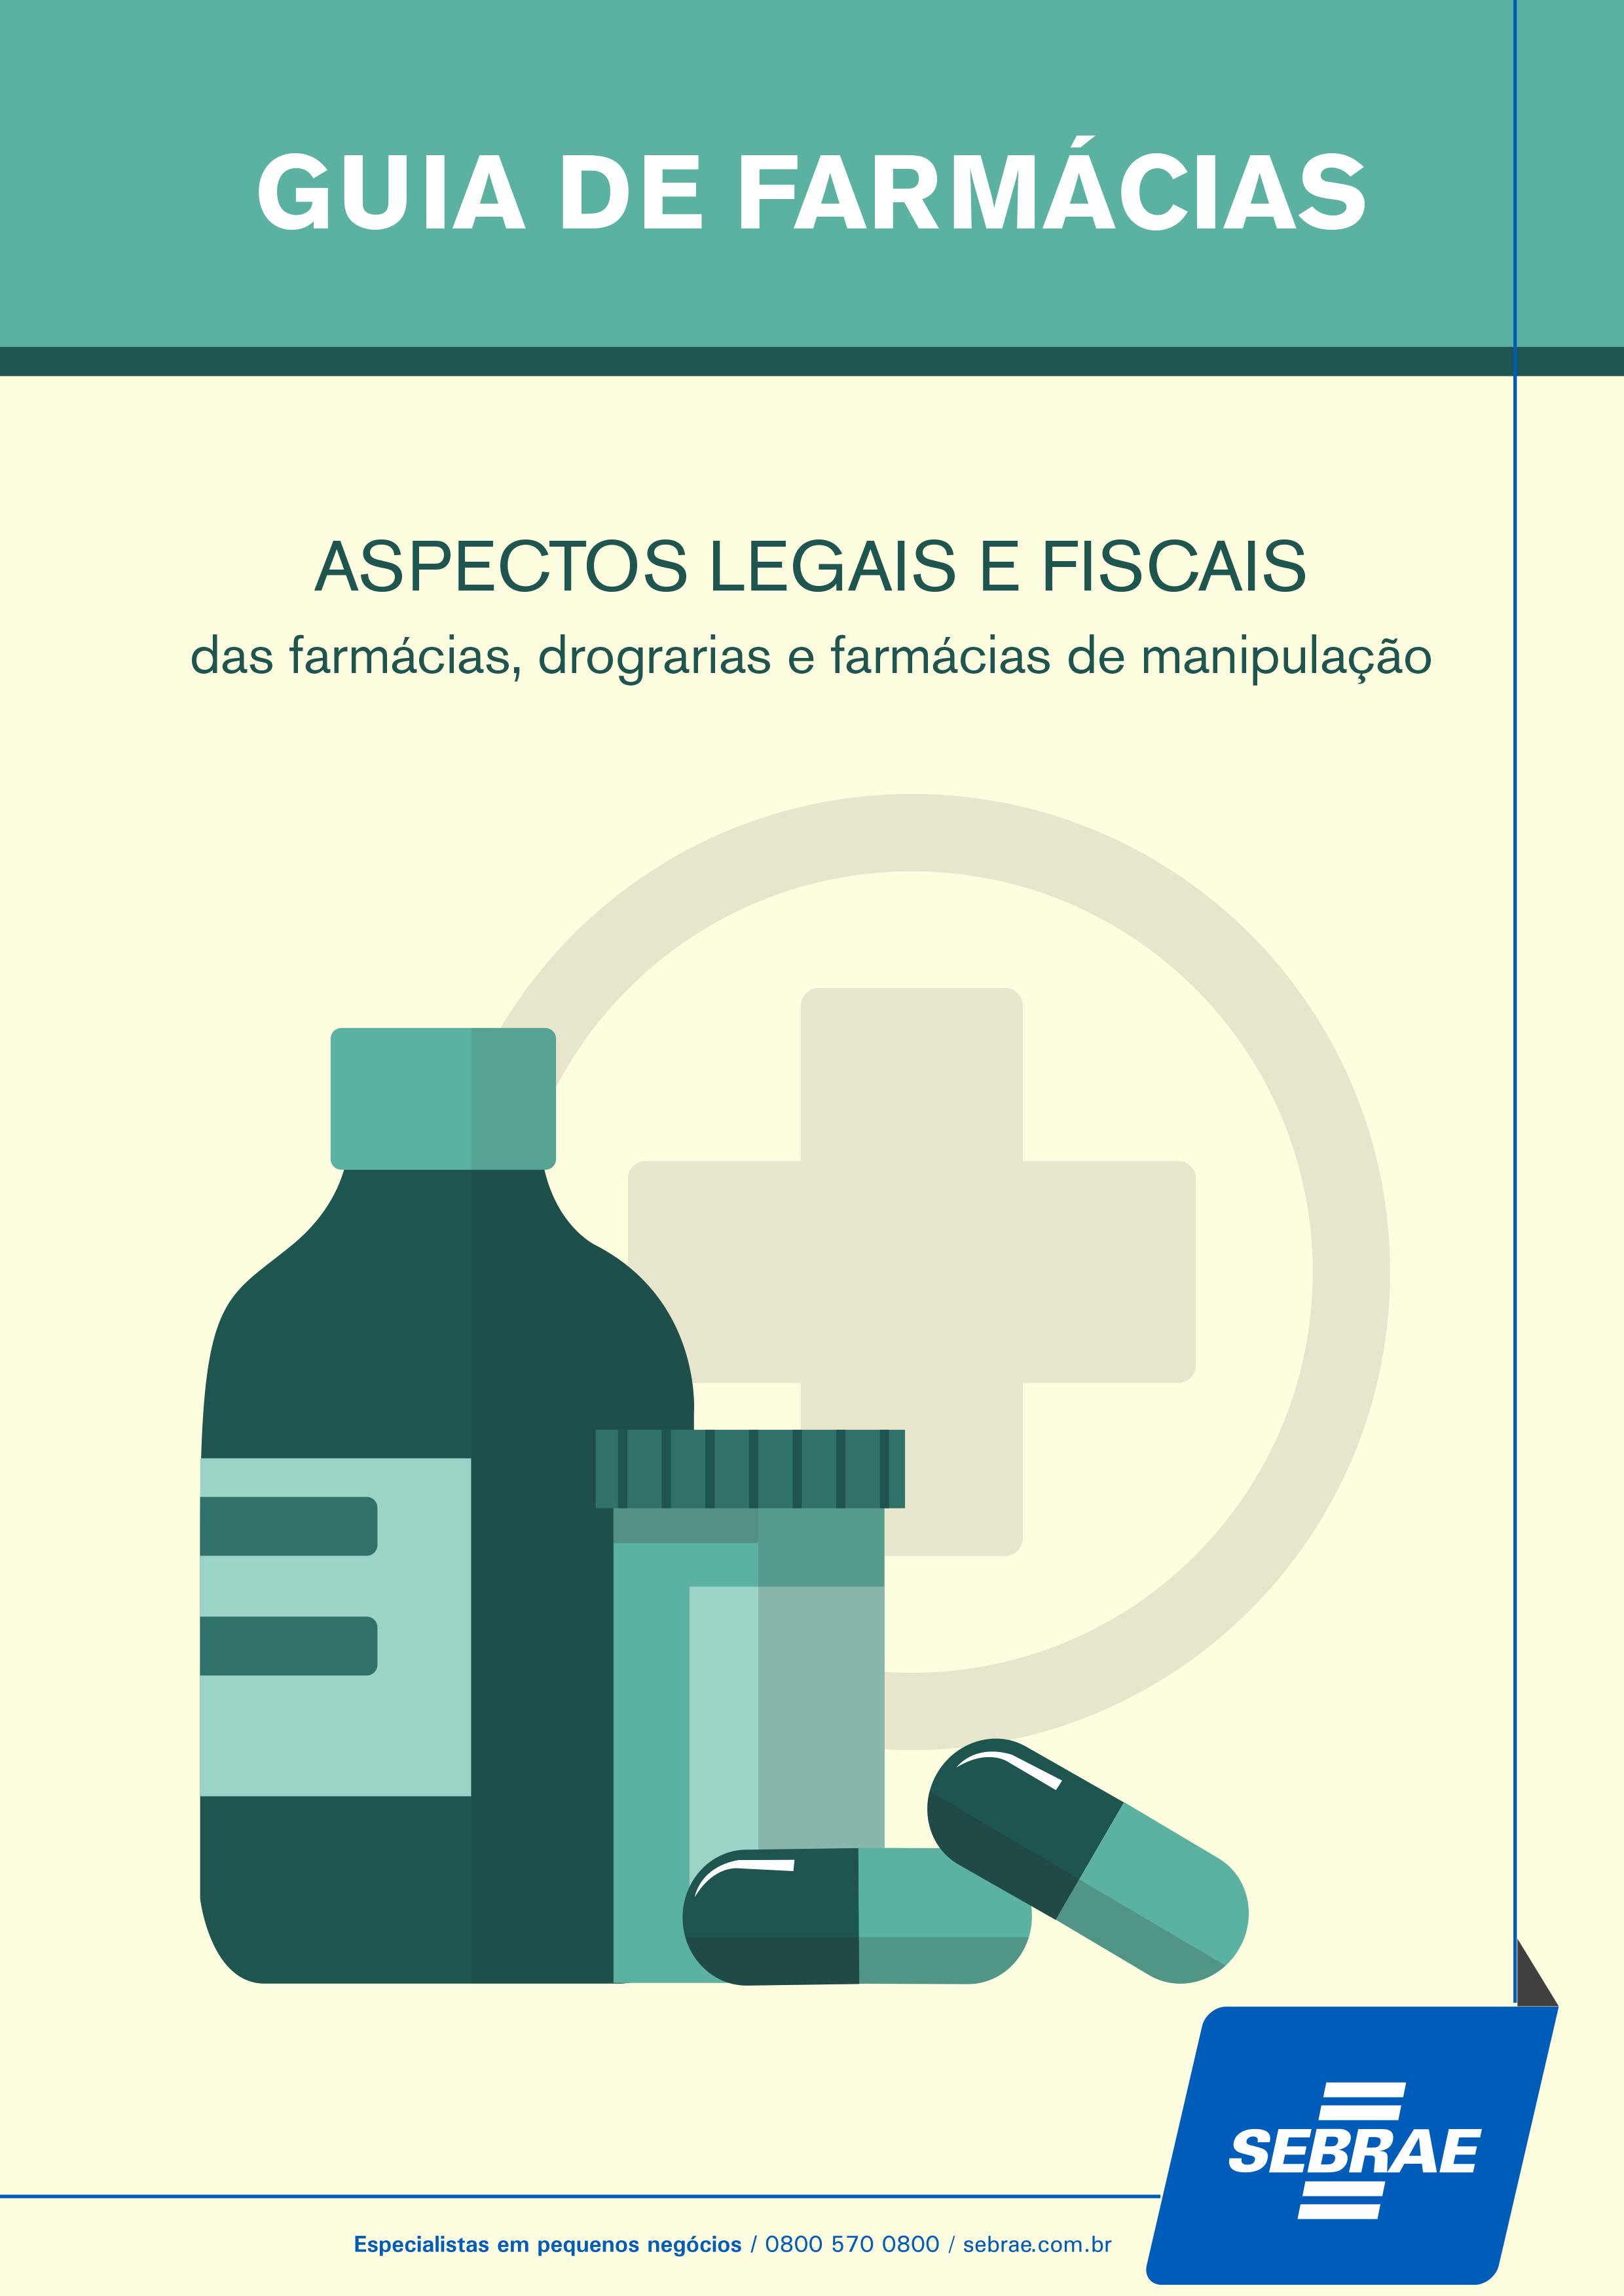 Conheça os aspectos legais e fiscais de farmácias e drogarias  57f7b07c92c06